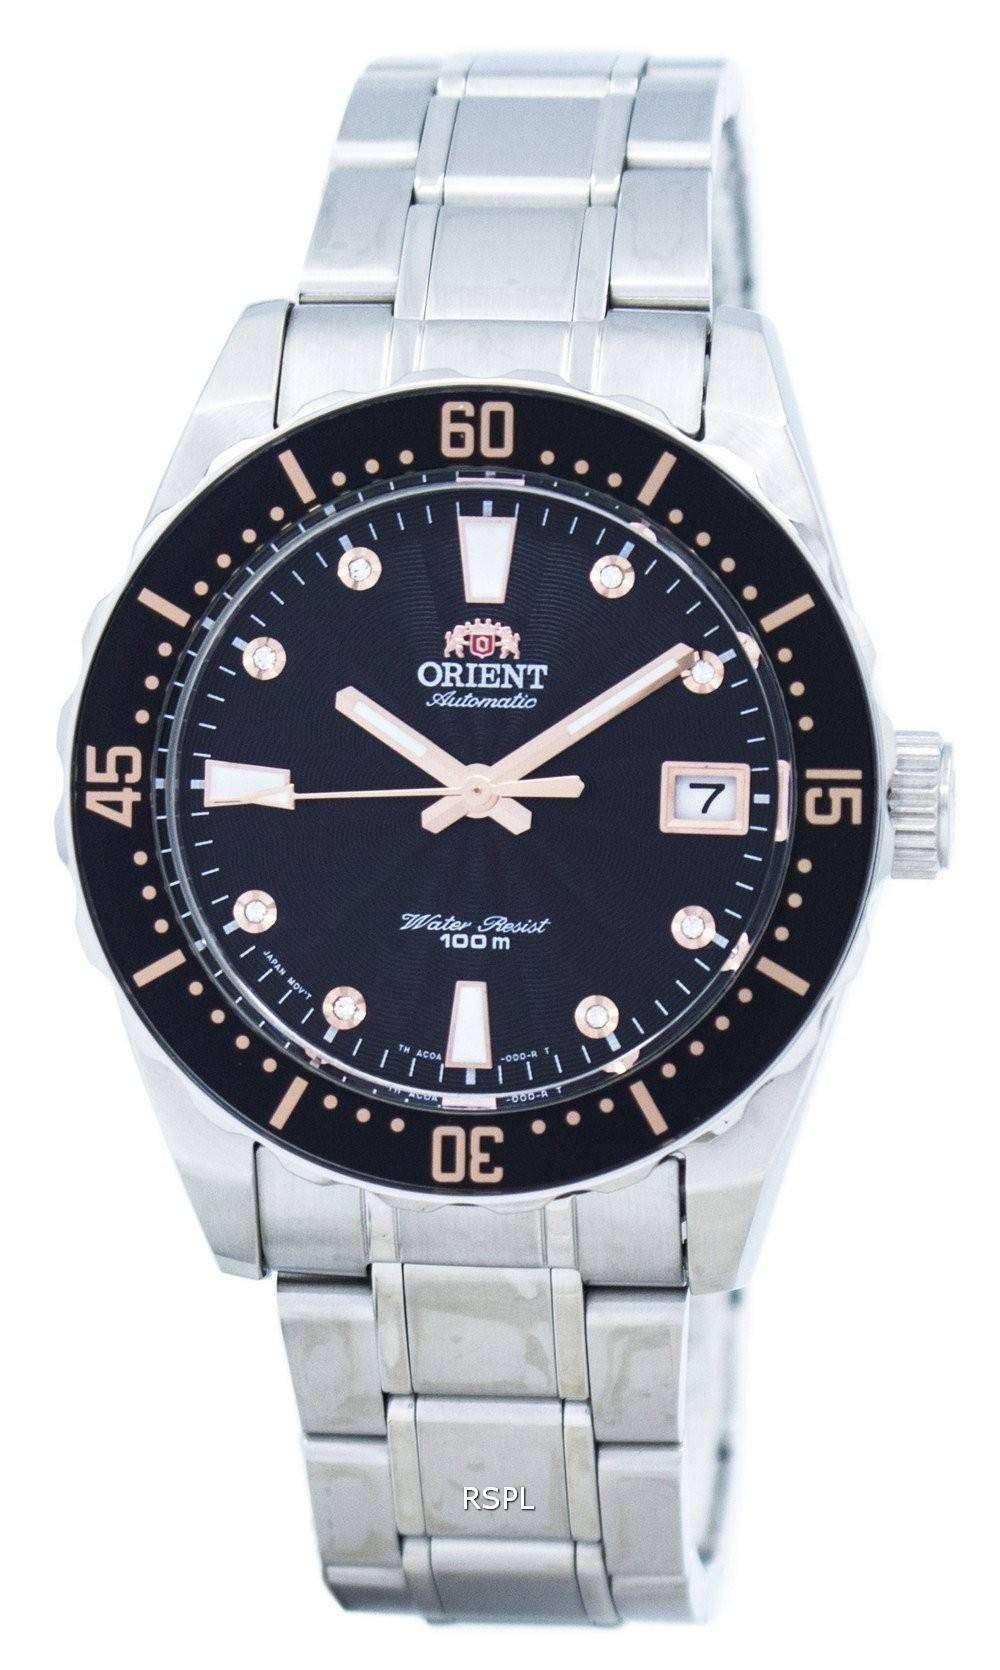 スポーティな自動 FAC0A001B0 レディース腕時計をオリエントします。